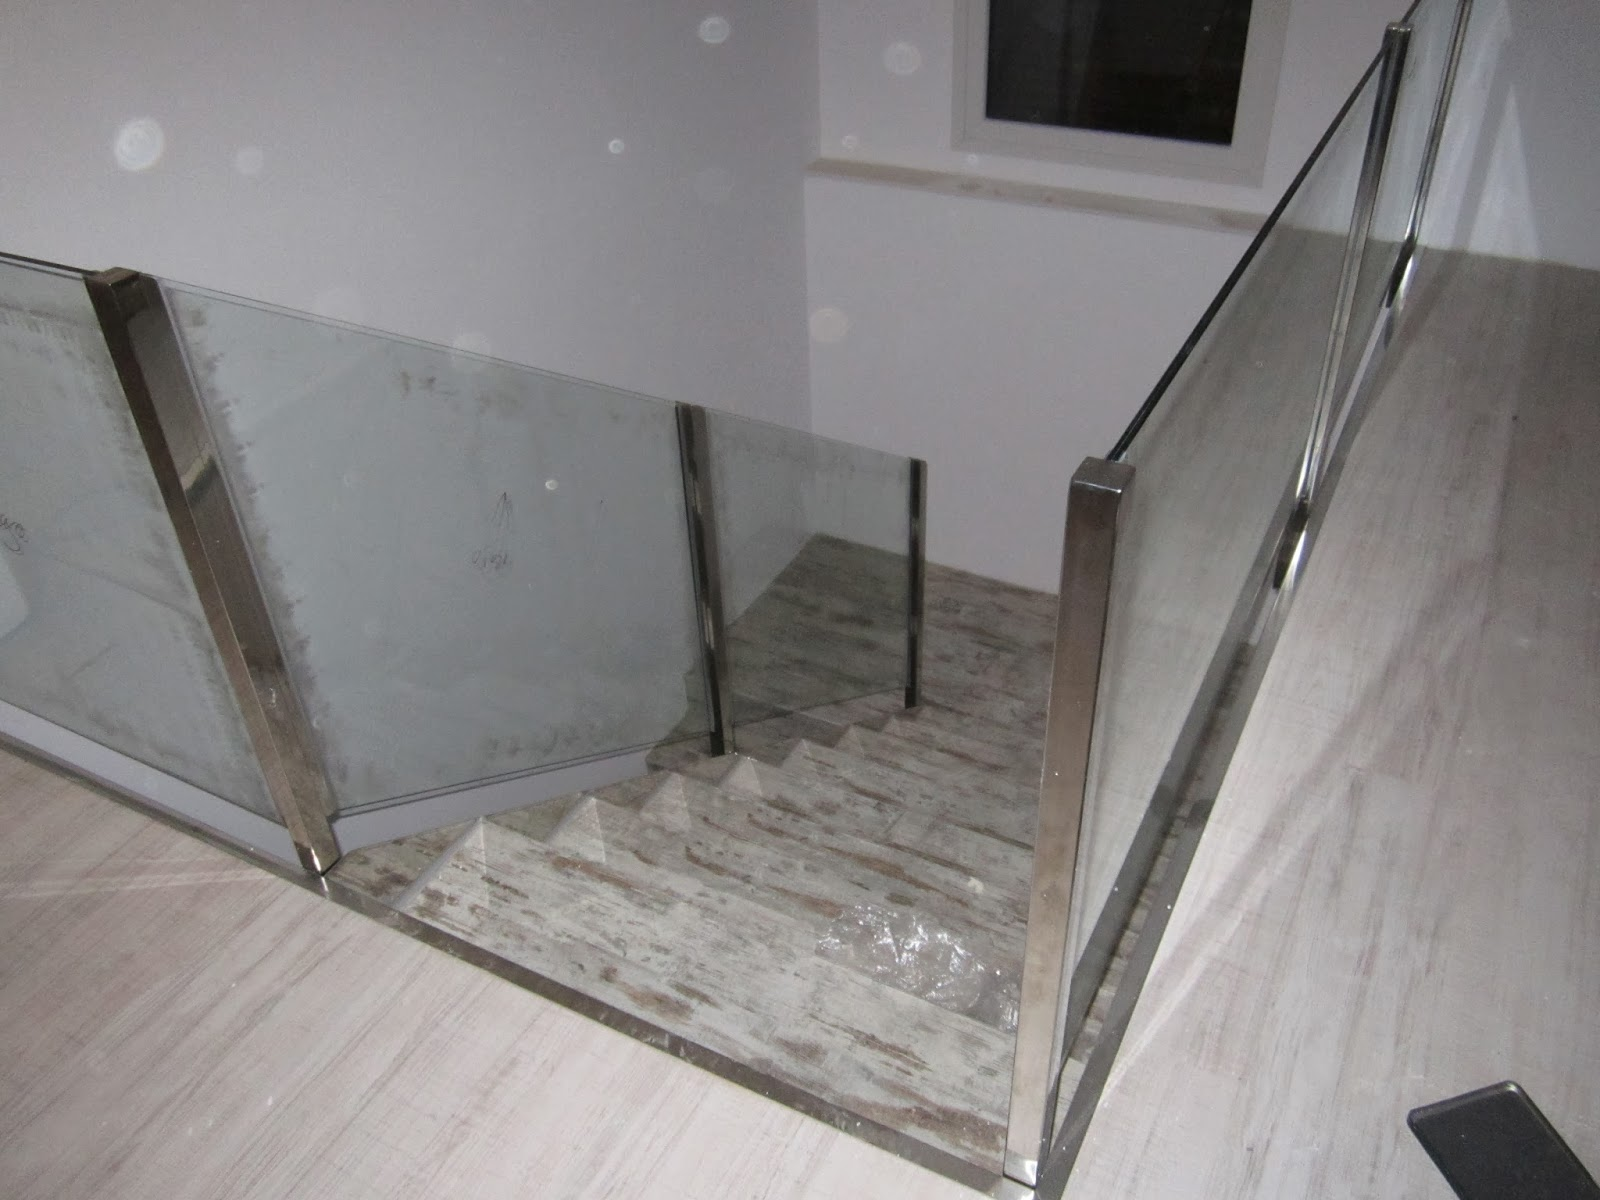 Norbel carpinteria met lica y acero inoxidable barandilla de escalera de cristal y acero inox - Barandilla cristal escalera ...